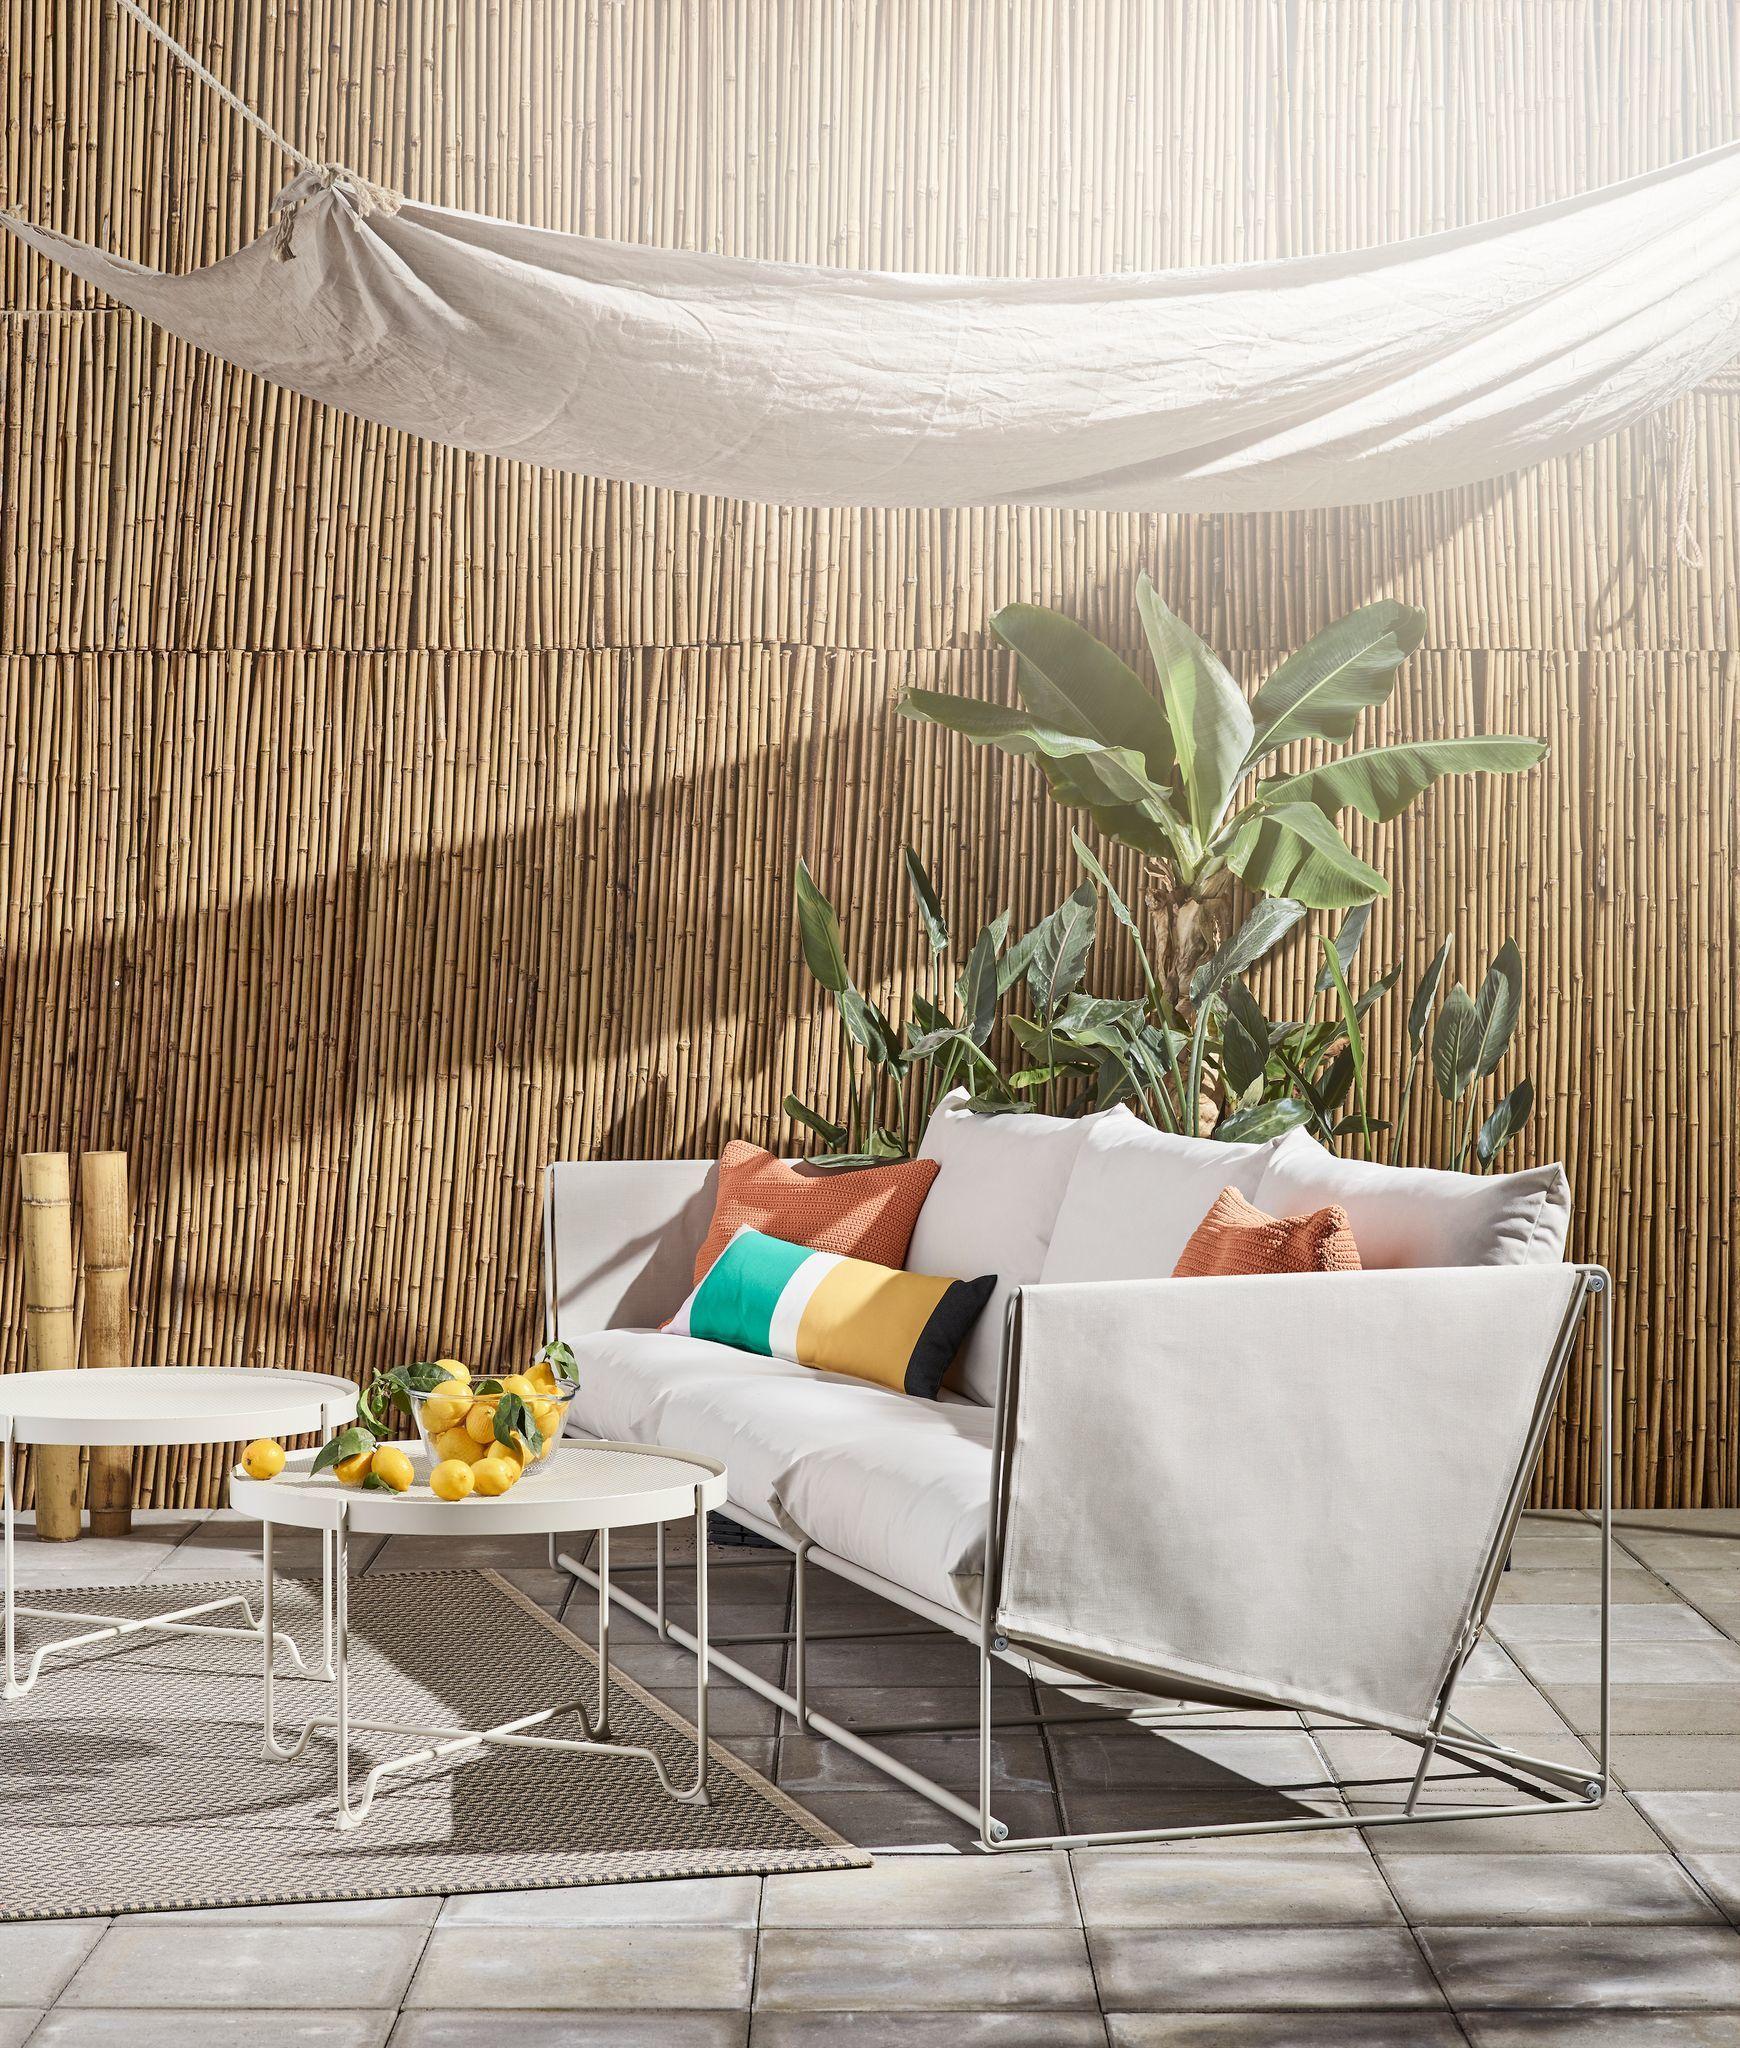 Salon De Jardin Design Les Plus Beaux Modeles Salon De Jardin Design Mobilier De Balcon Salon Canape